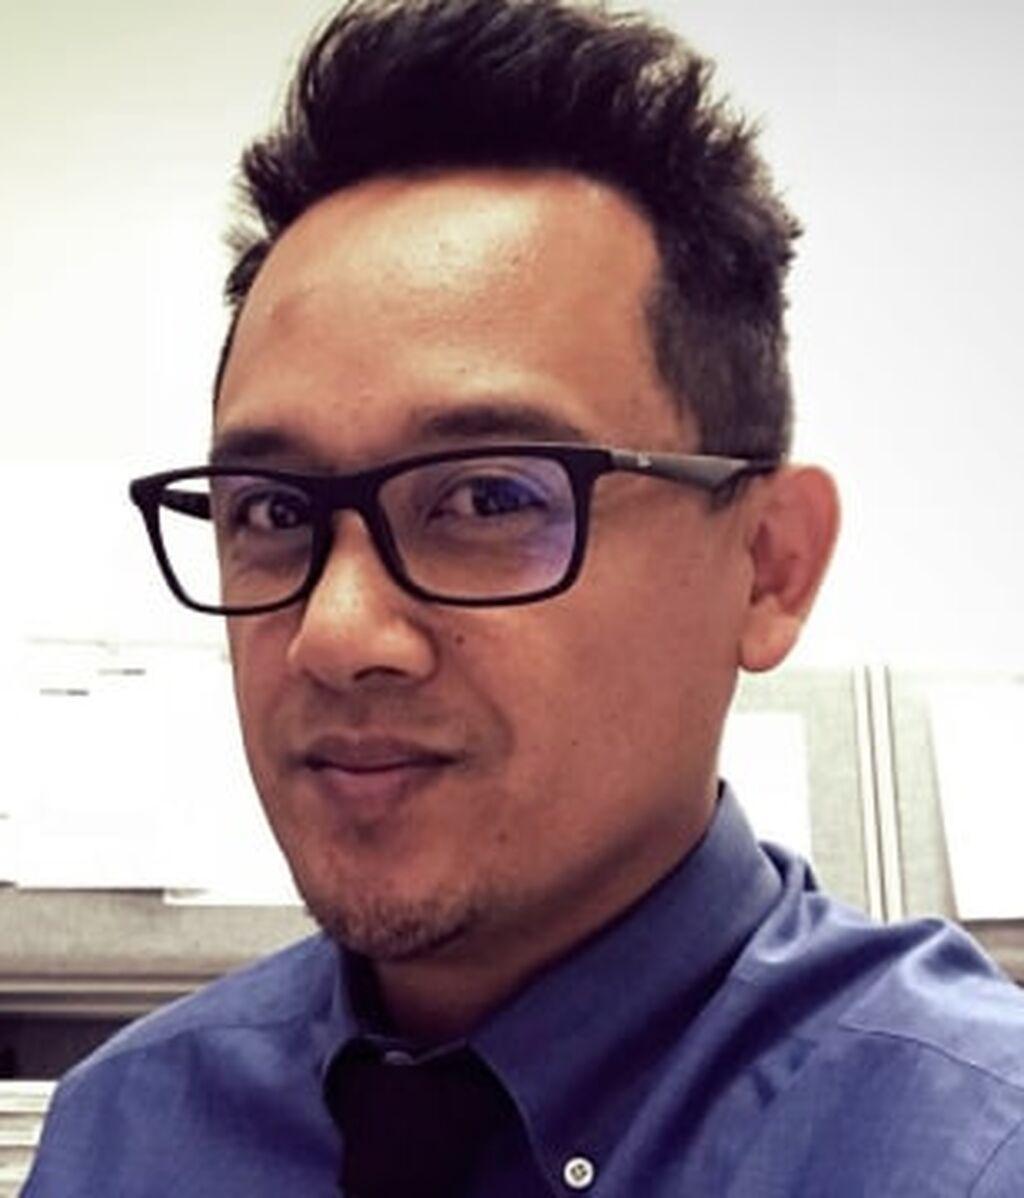 Paul Delacruz Megia,42 años, era superintendente adjunto en la gestión de servicios